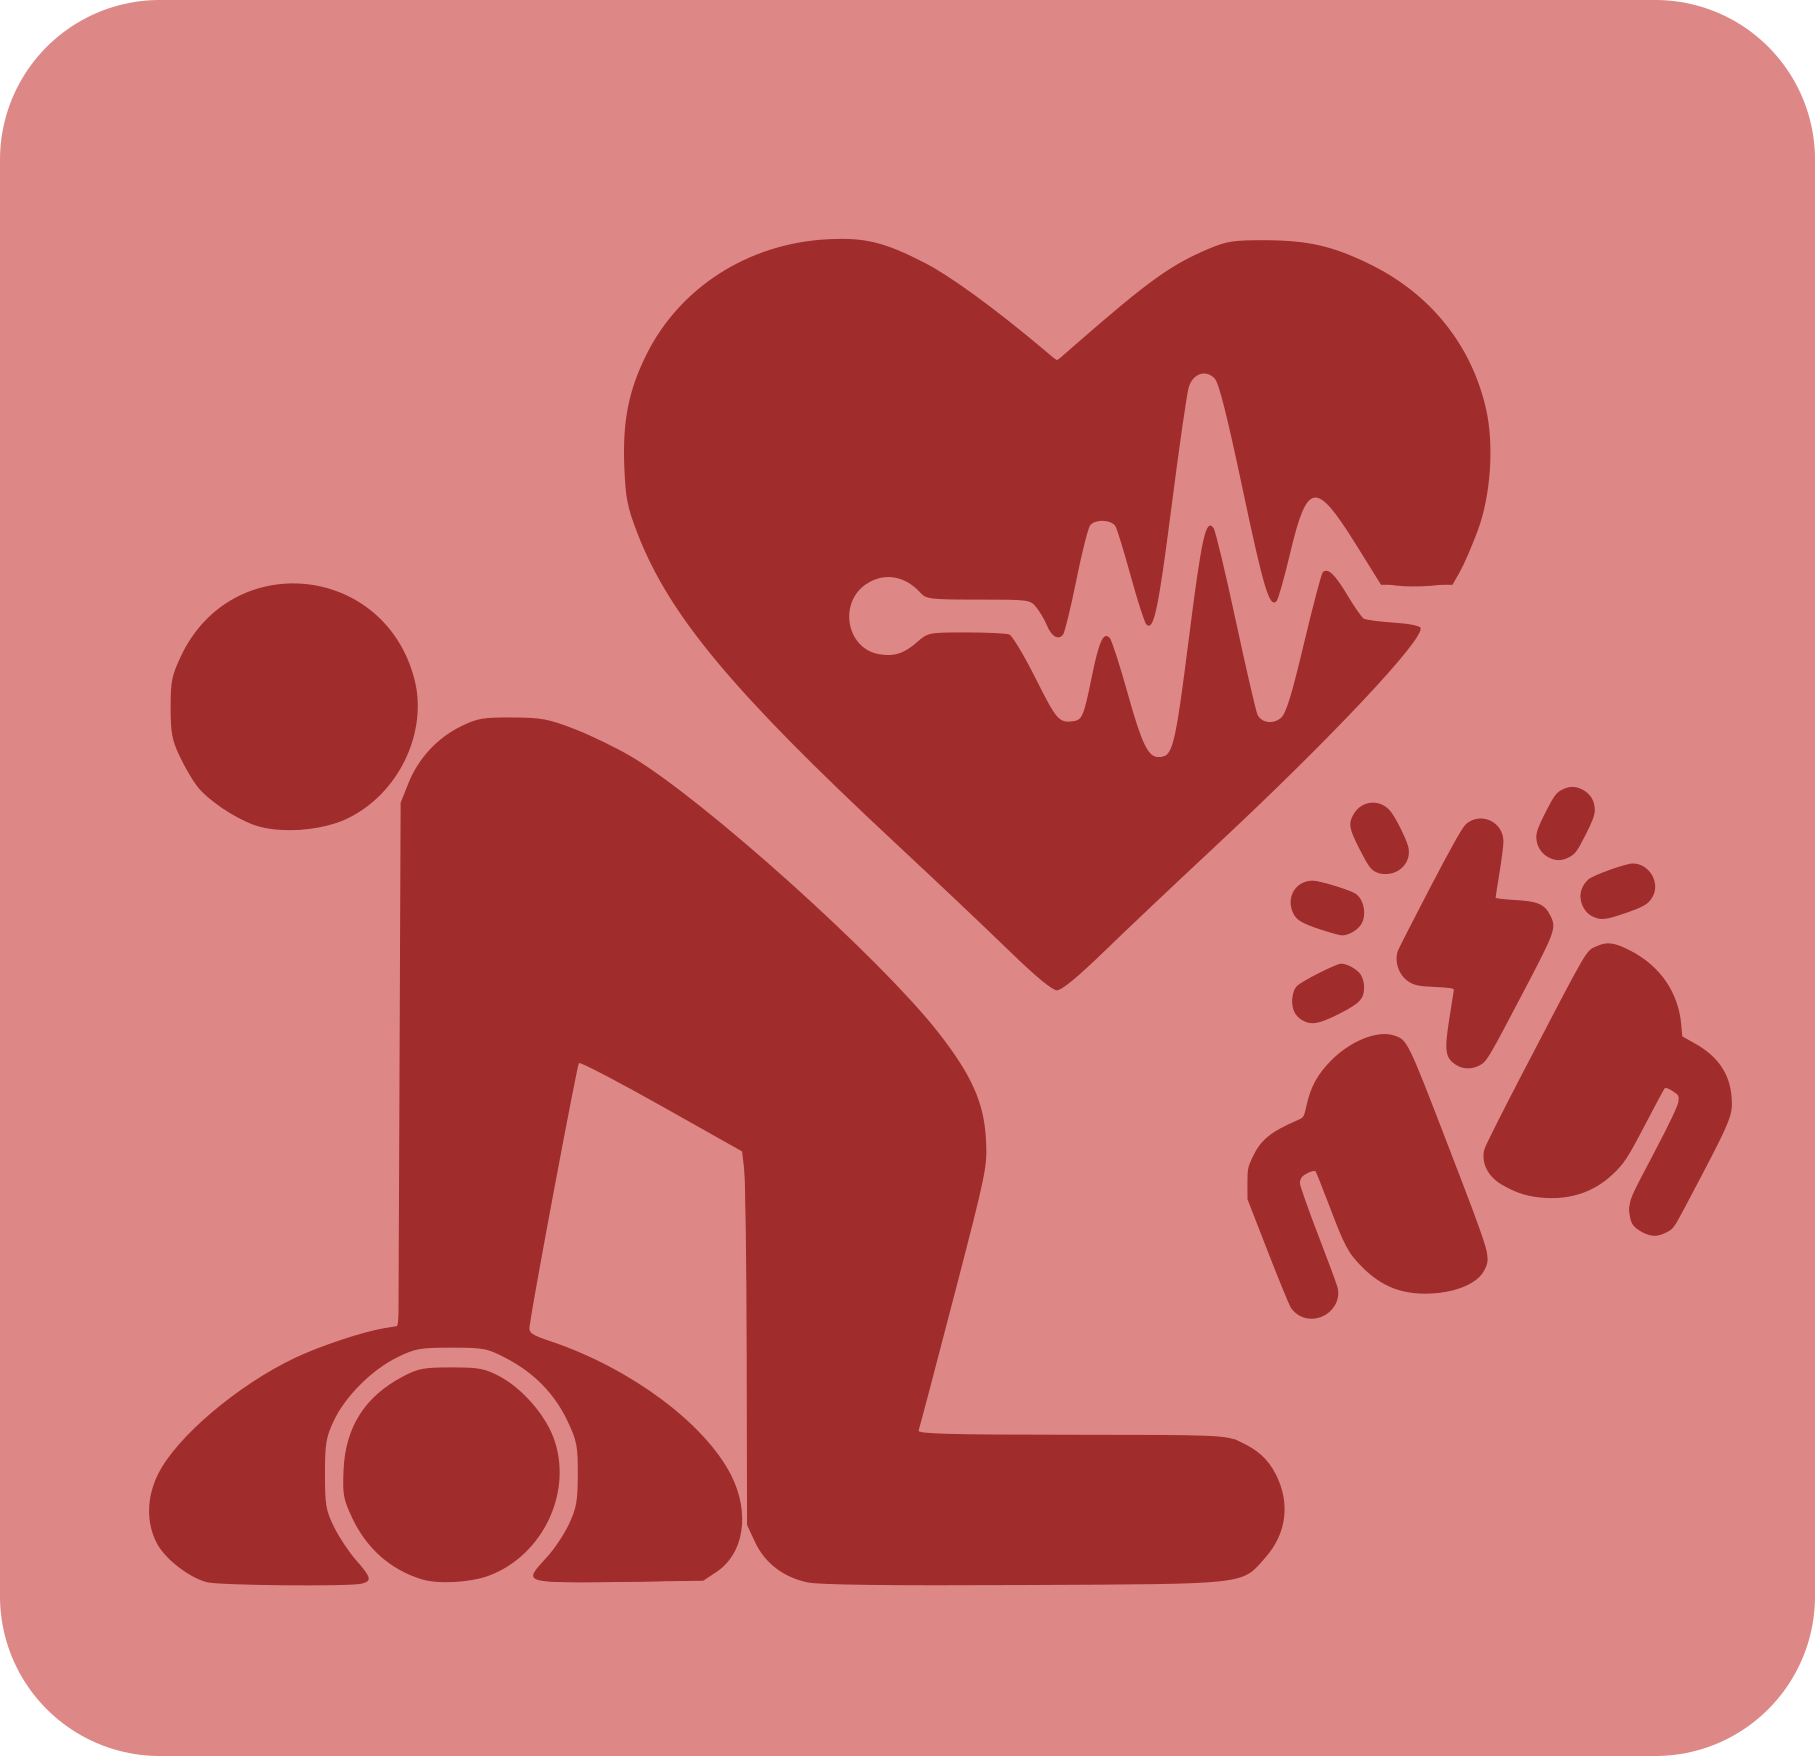 Ressuscitació cardiopulmonar